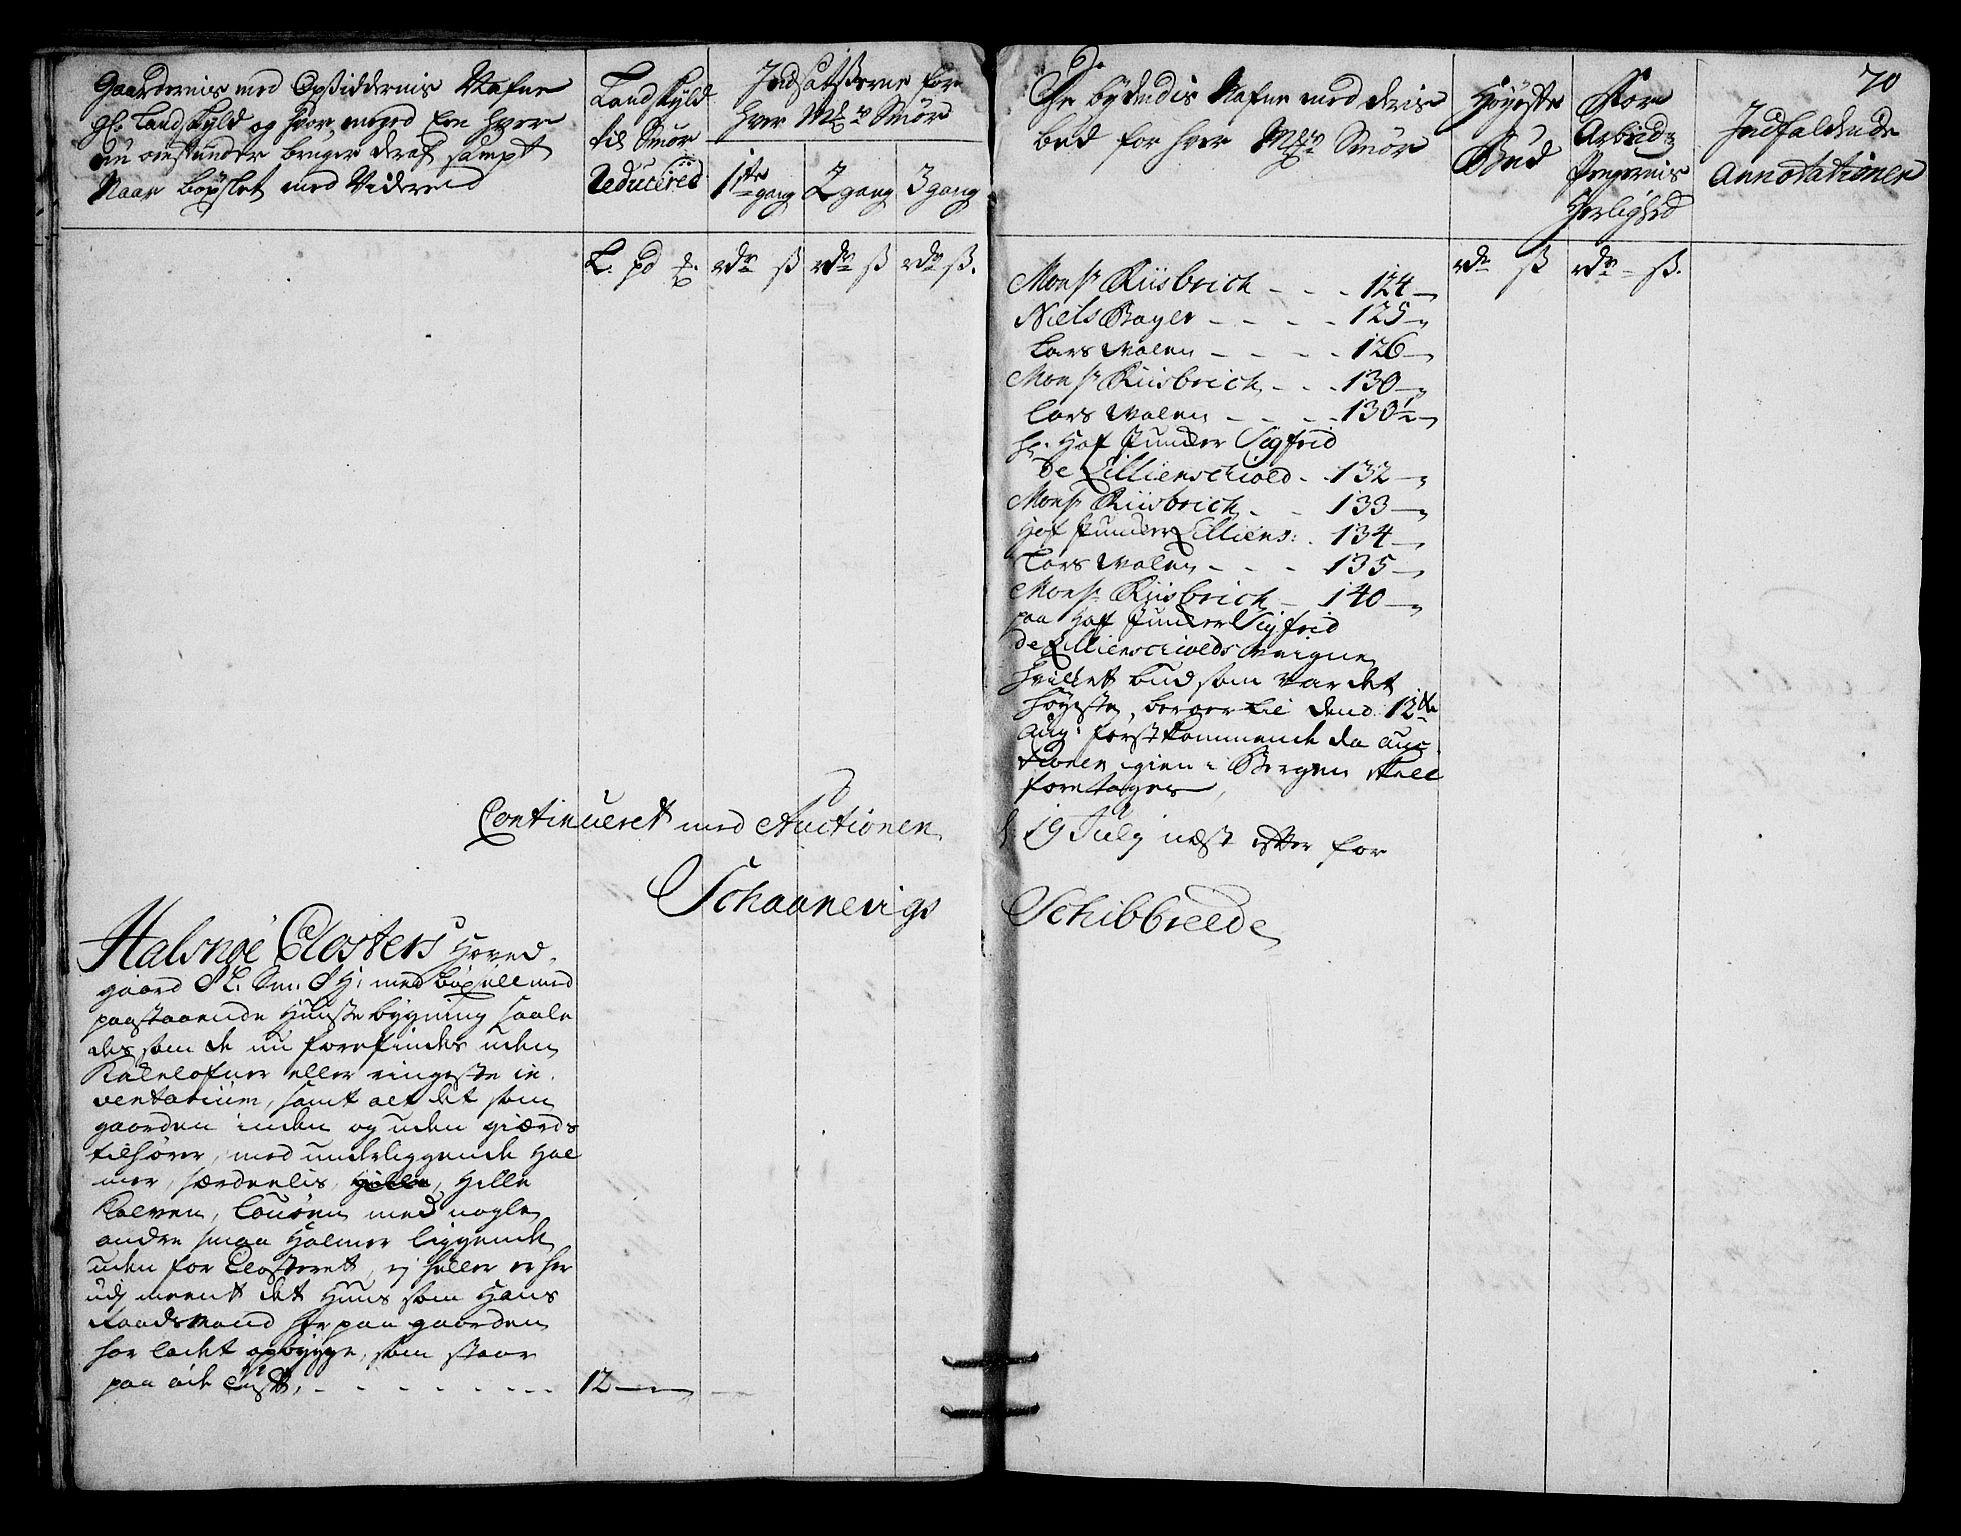 RA, Rentekammeret inntil 1814, Realistisk ordnet avdeling, On/L0003: [Jj 4]: Kommisjonsforretning over Vilhelm Hanssøns forpaktning av Halsnøy klosters gods, 1721-1729, s. 398